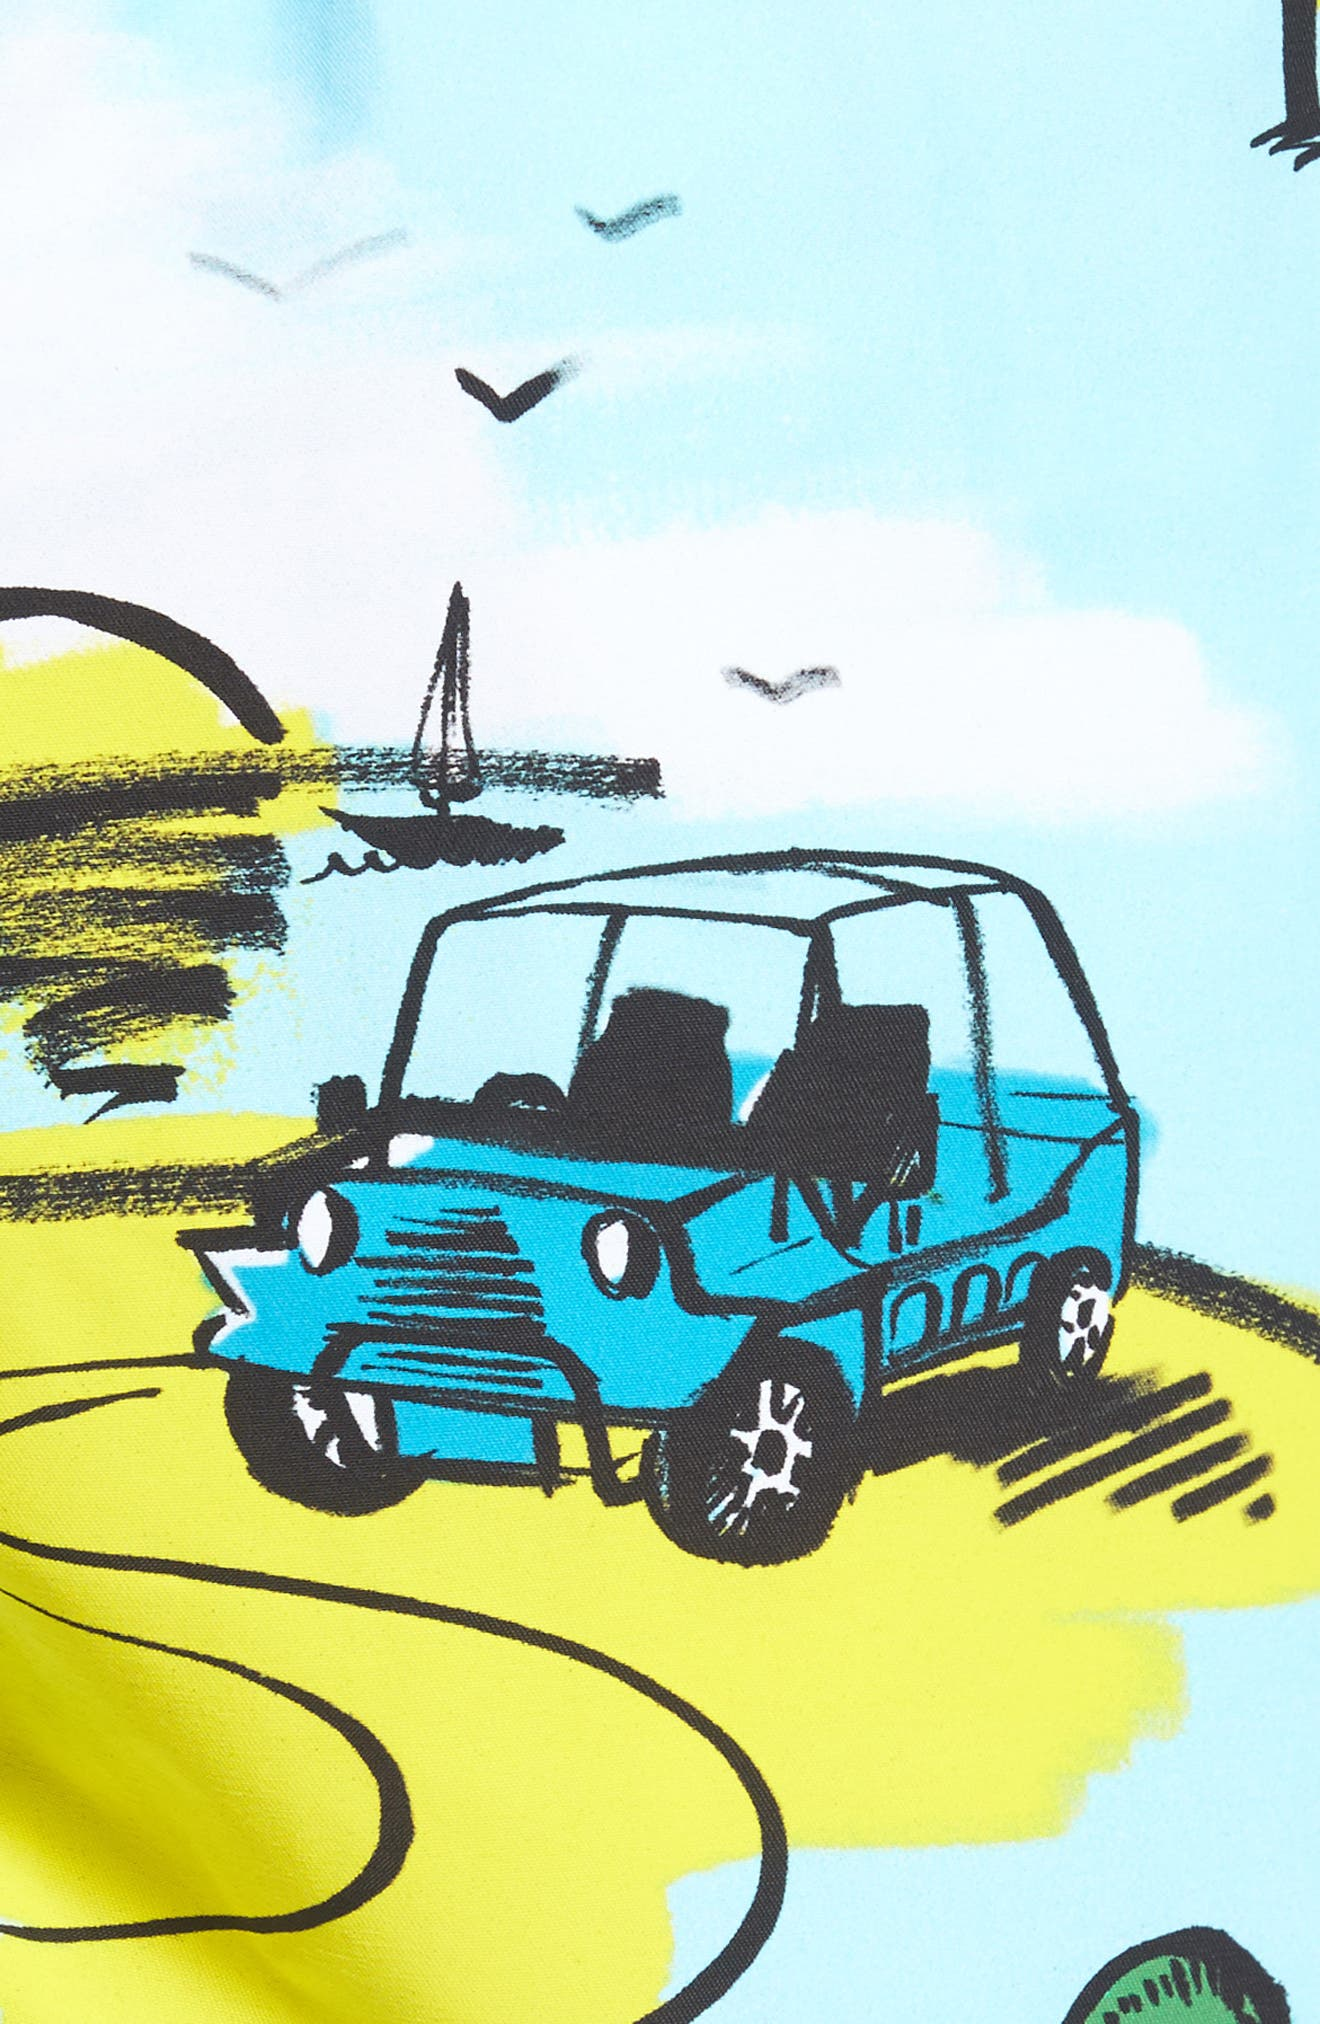 Moorea Mini Moke Print Swim Trunks,                             Alternate thumbnail 5, color,                             FROSTED BLUE